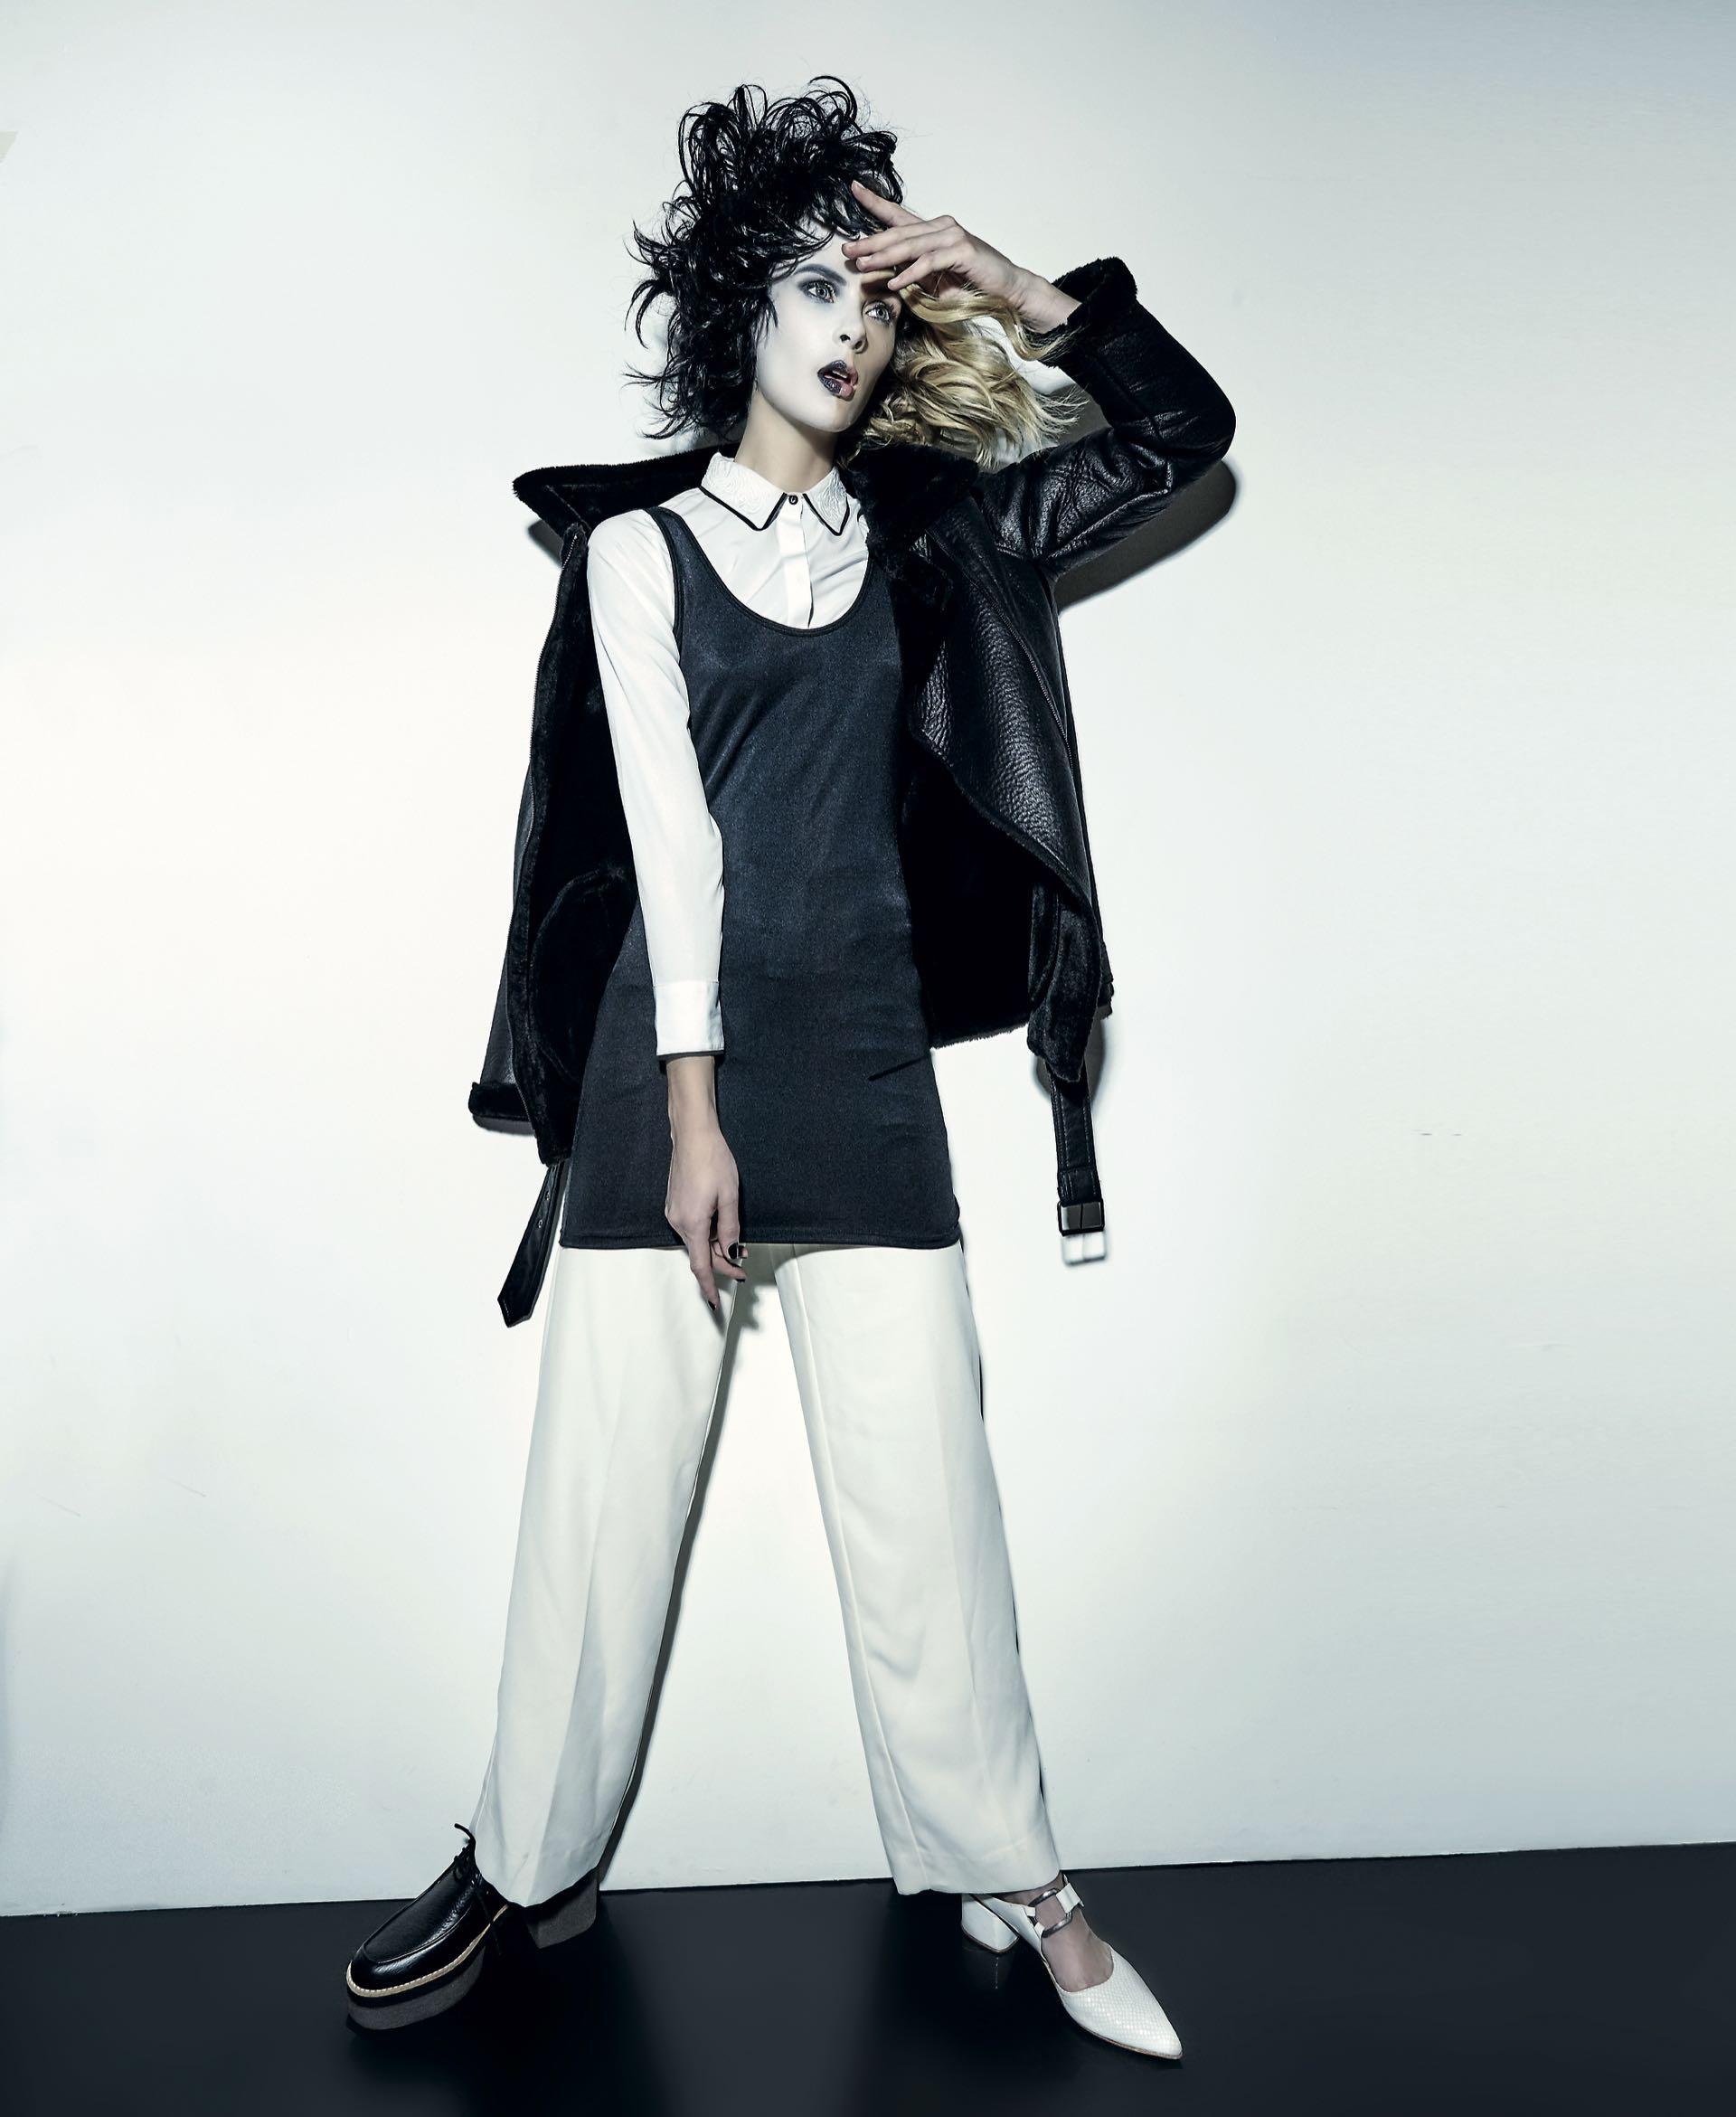 Campera de cuero con piel sintética ($ 4.200, India Style), vestido de Lycra ($ 462, Scombro), camisa con cuello bordado ($ 1.499, Yagmour), pantalón ancho de cintura alta (Vitamina), acordonado de cuero con base de goma ($ 2.700, Viamo) y zueco de cuero grabado con hebilla($ 5.200, Uma).